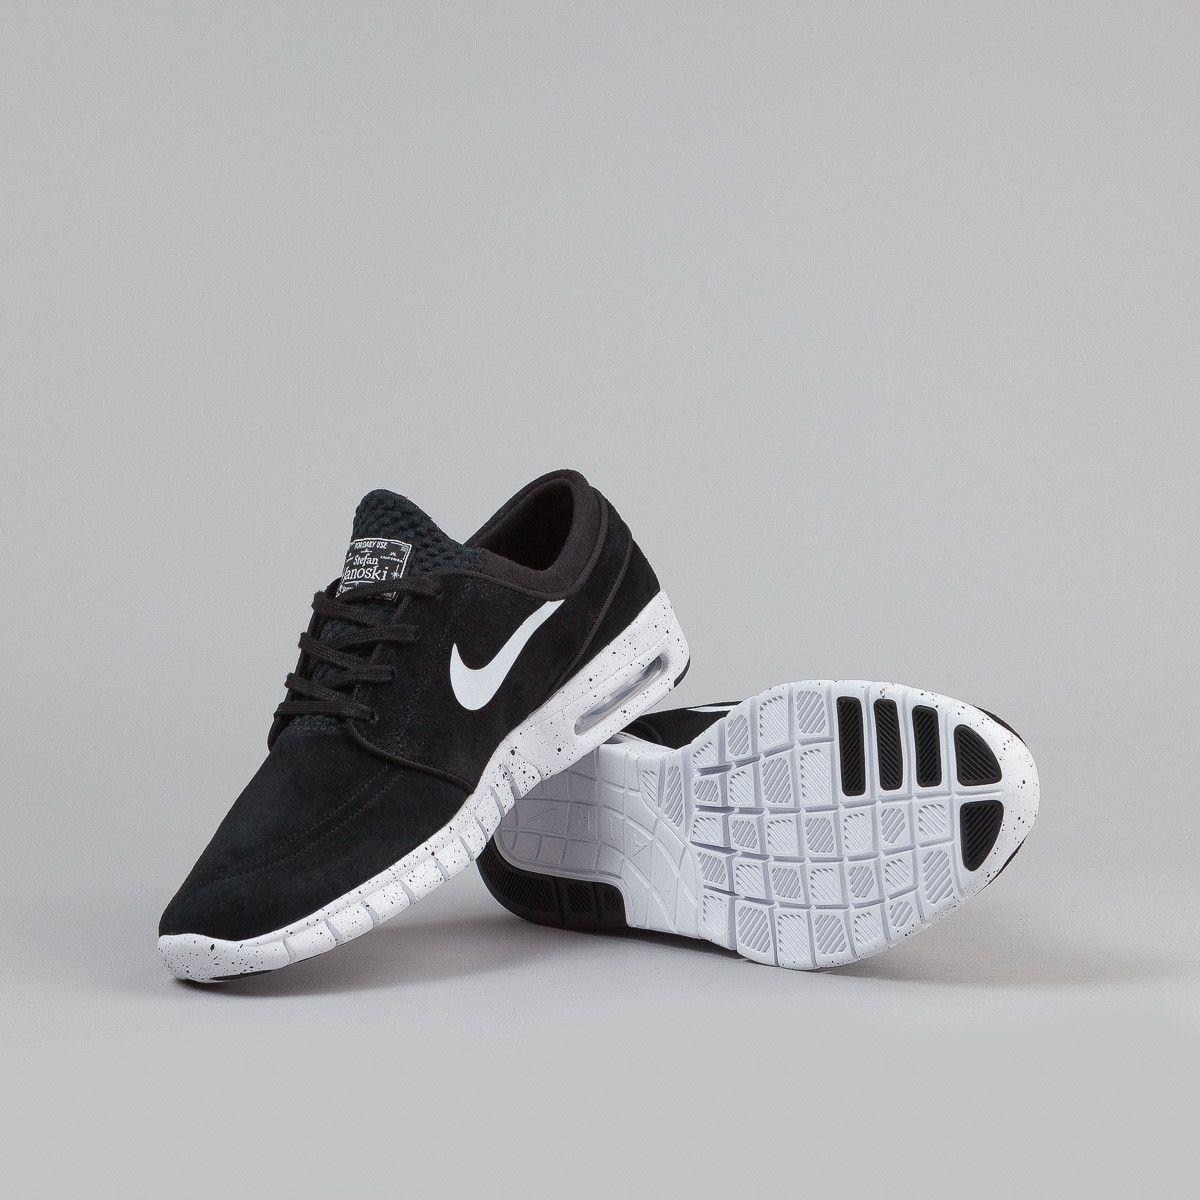 Officiel Nike Air Max 2017 GS Chaussures Nike Basket Pas Cher Pour FemmeEnfant Rouge Noir 851622_600 1804062397 Officiel Nike Site! Chaussures Tn